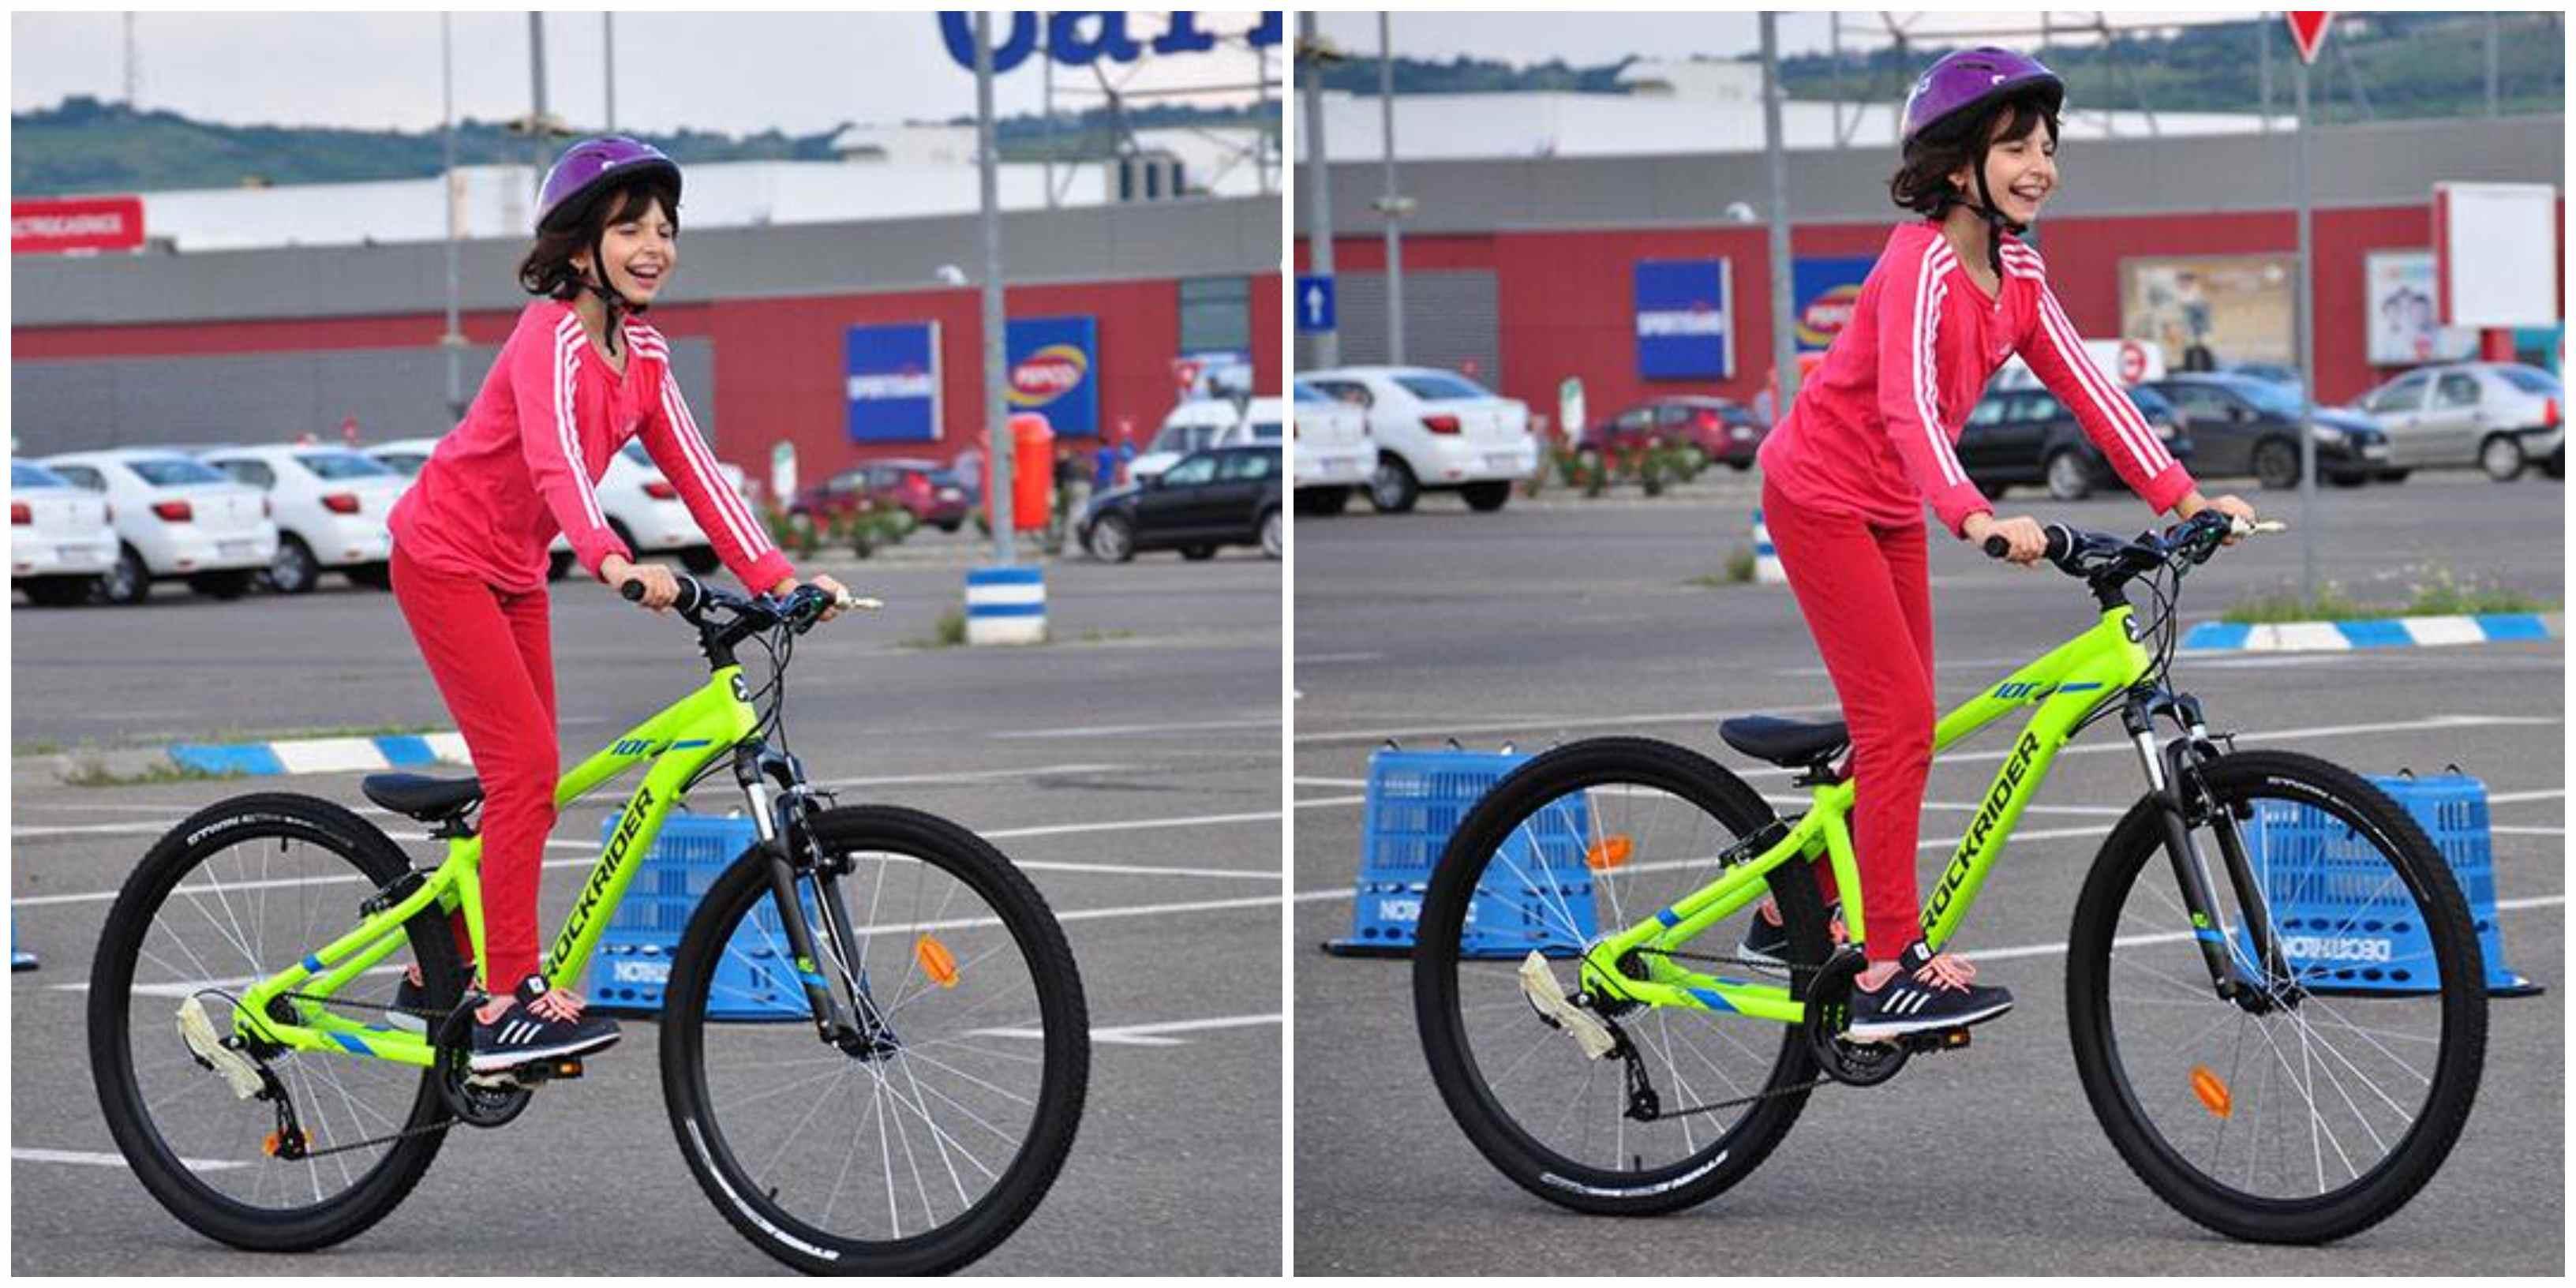 probikeaddiction cursuri de invatat mersul pe bicicleta iasi decathlon2